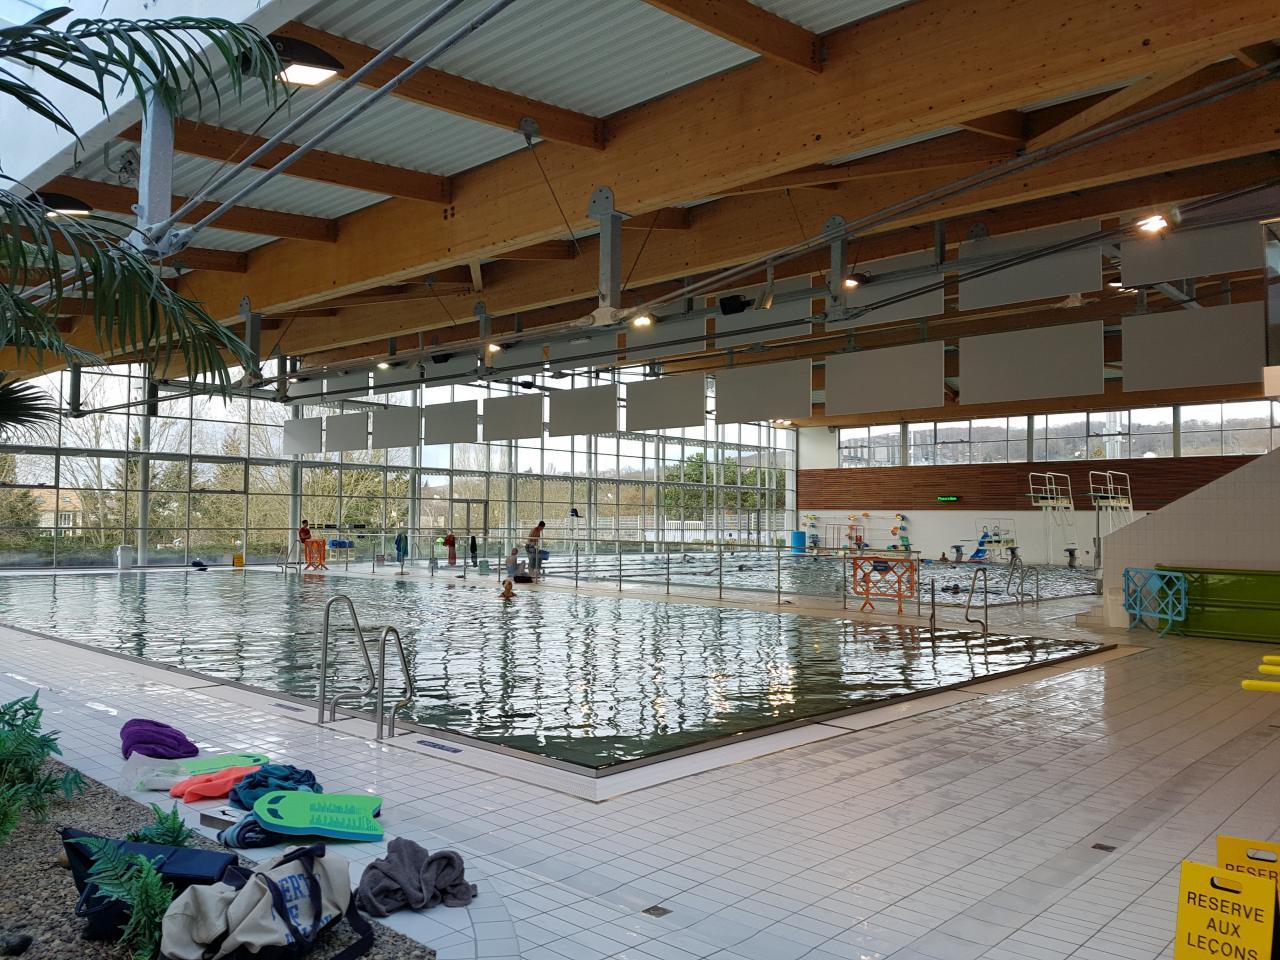 Visite De La Piscine La Vague, Soisy-Sous-Montmorency, 28 ... pour Piscine De Montmorency